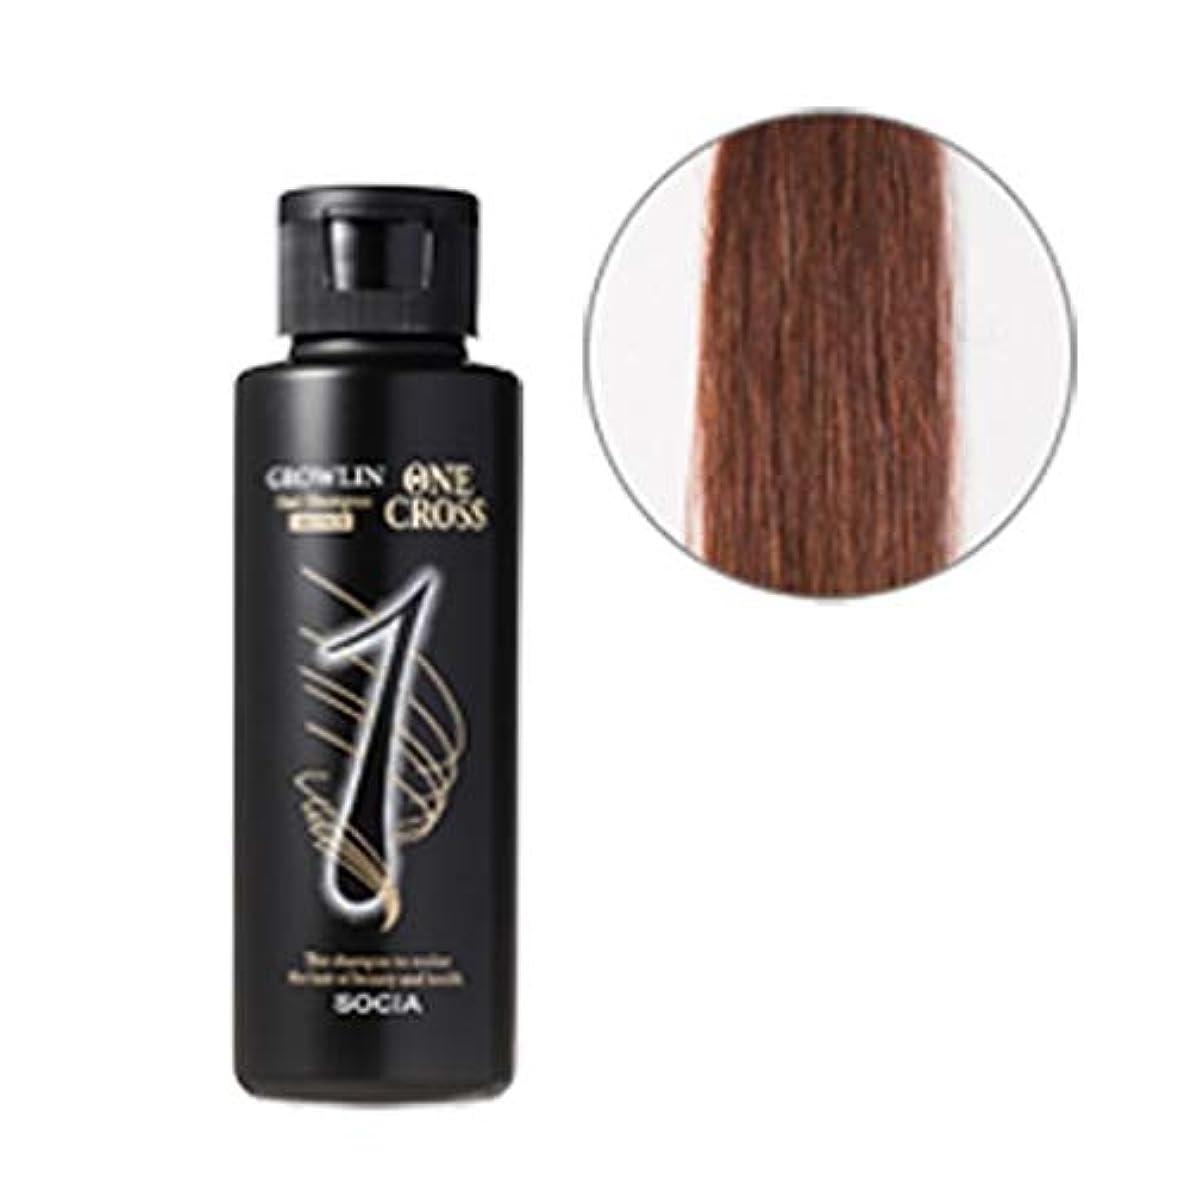 ソシア (SOCIA) グローリン?ワンクロス (ブラウン) 自然に染まる 白髪染めシャンプー (100ml 約1ヶ月分) 無添加 アミノ酸系 カラーリングシャンプー